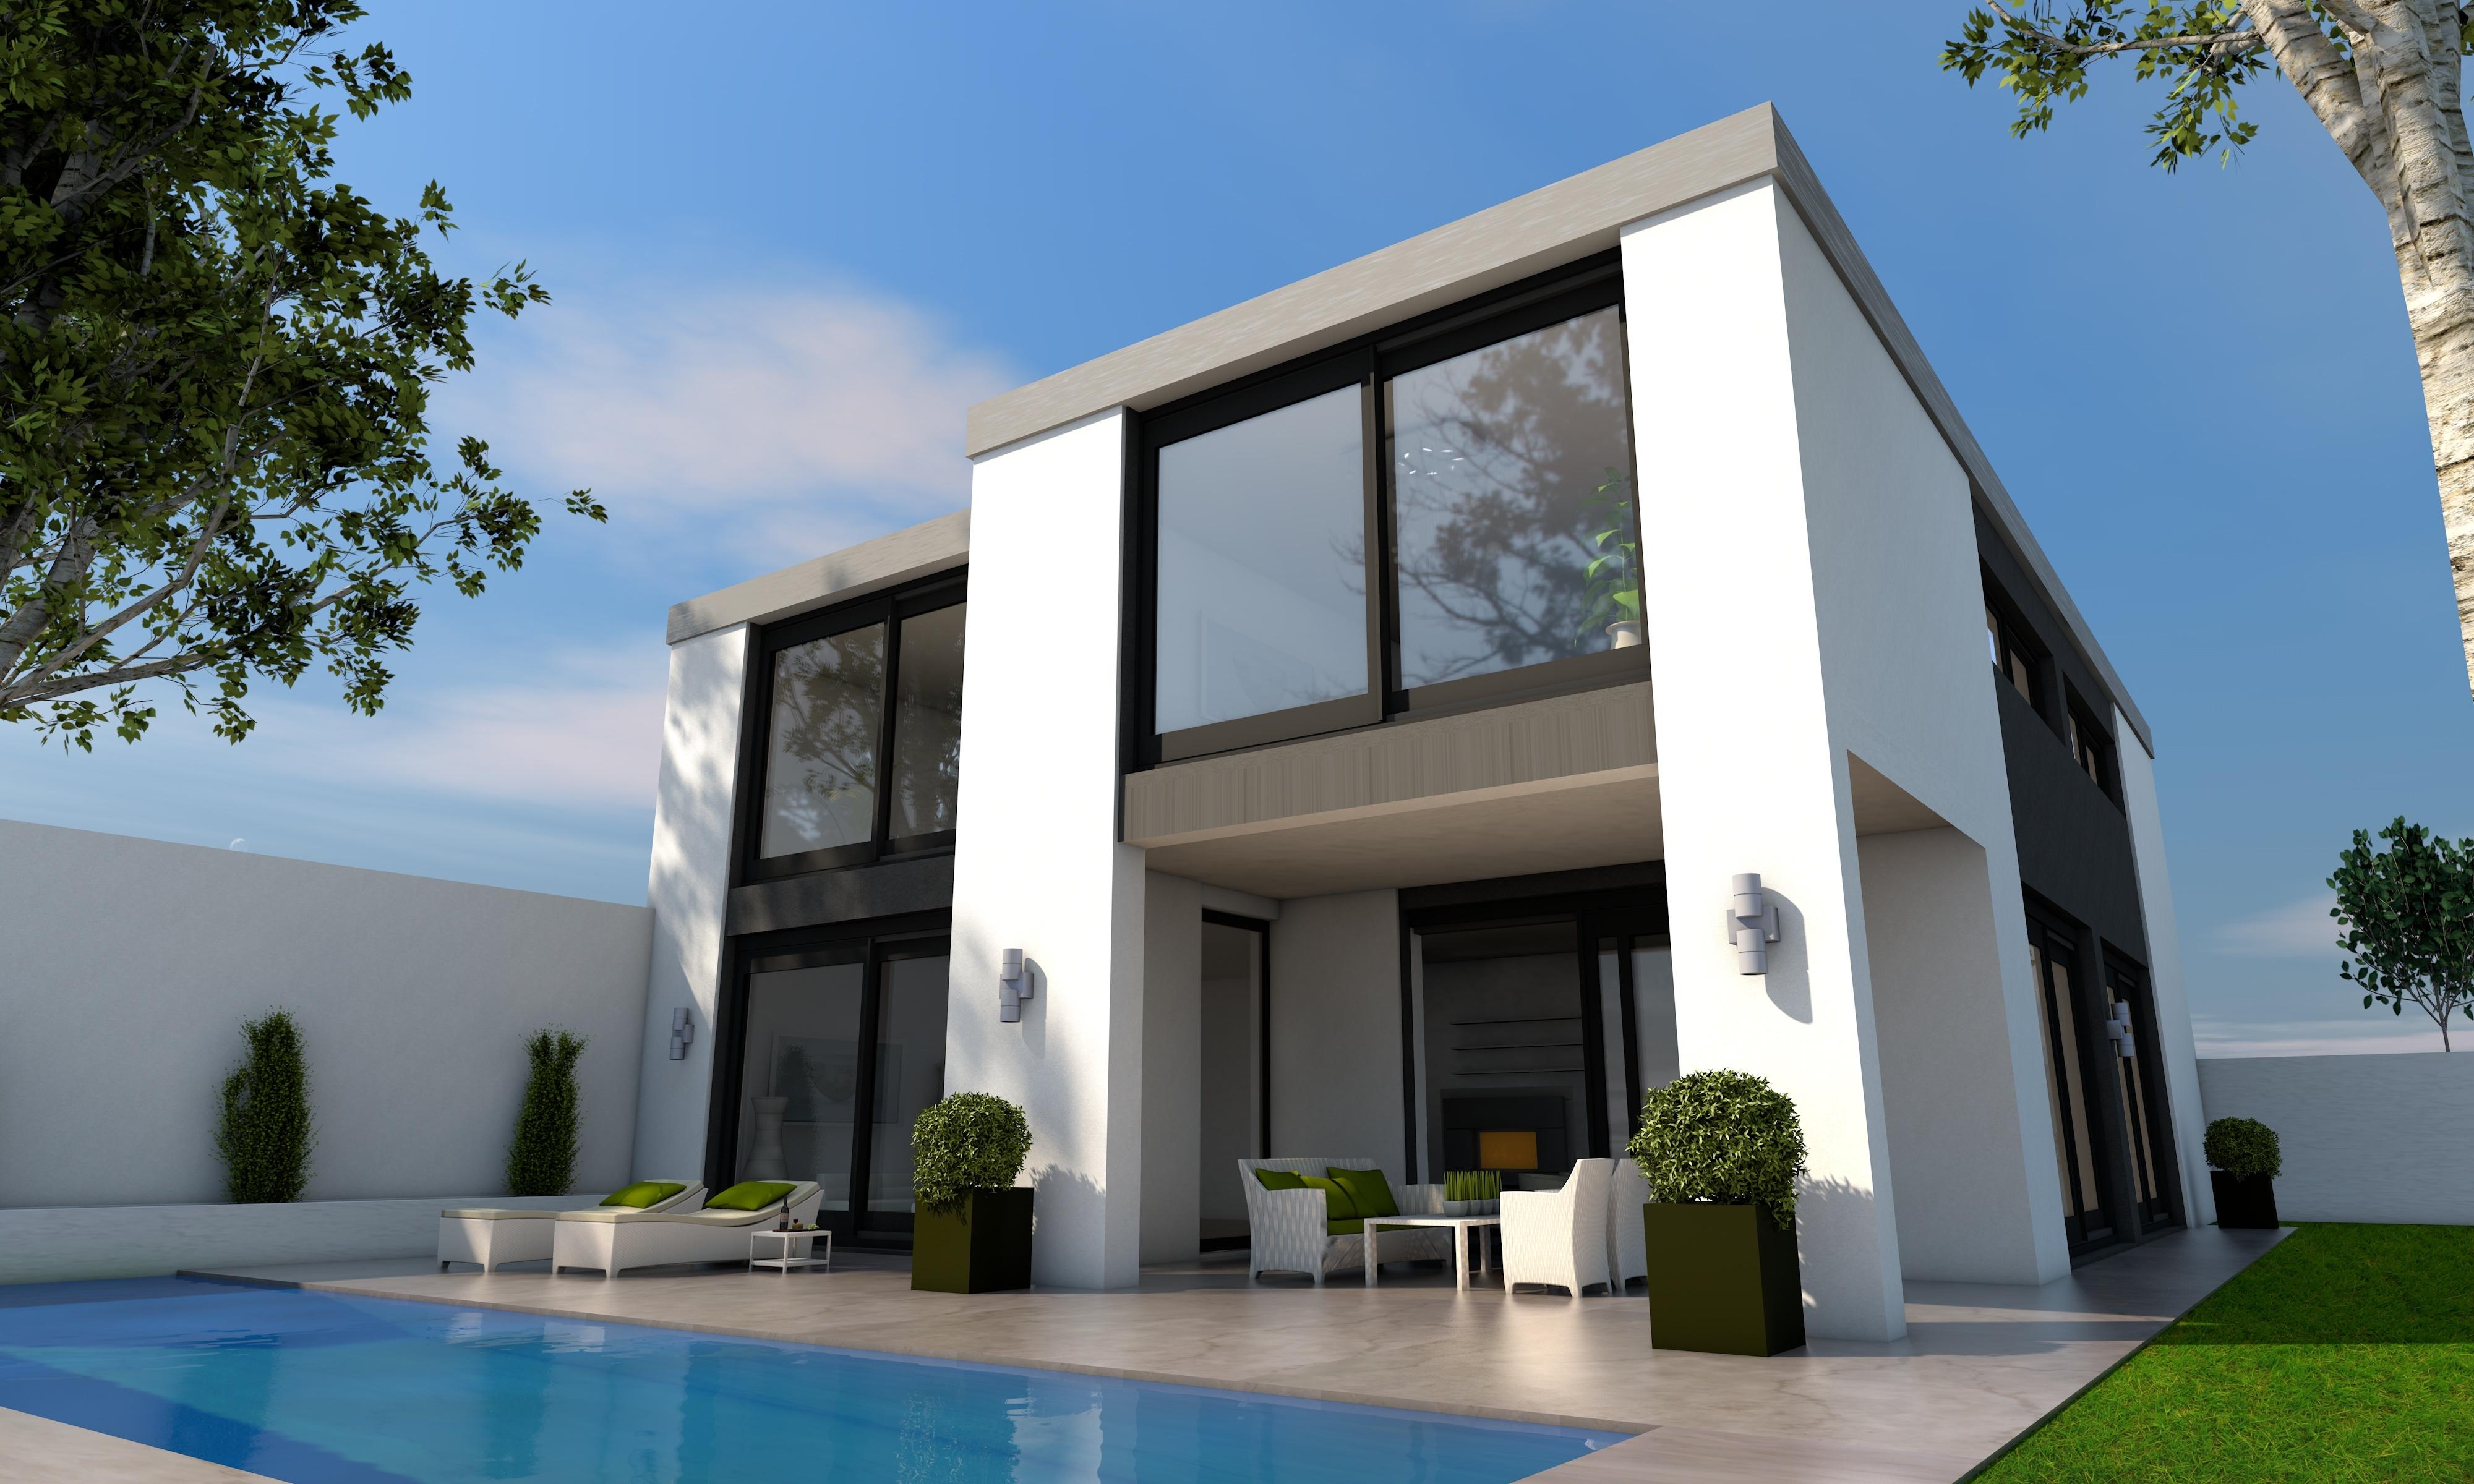 schulze immobilien gr mitz ostsee tippgeber. Black Bedroom Furniture Sets. Home Design Ideas